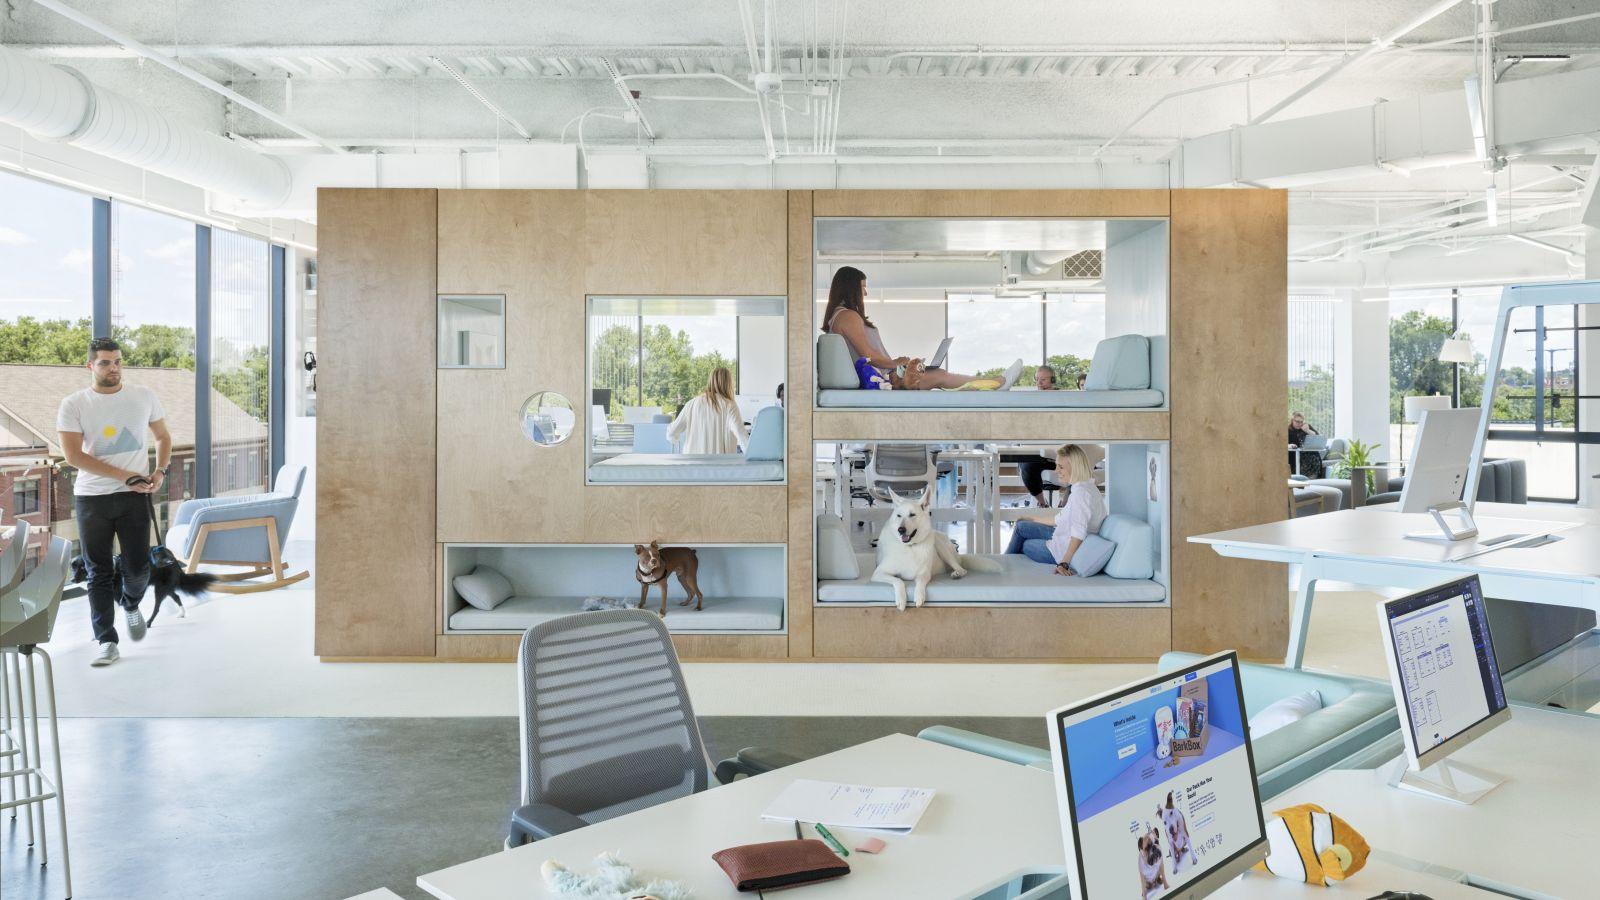 BARK by NBBJ Office Design